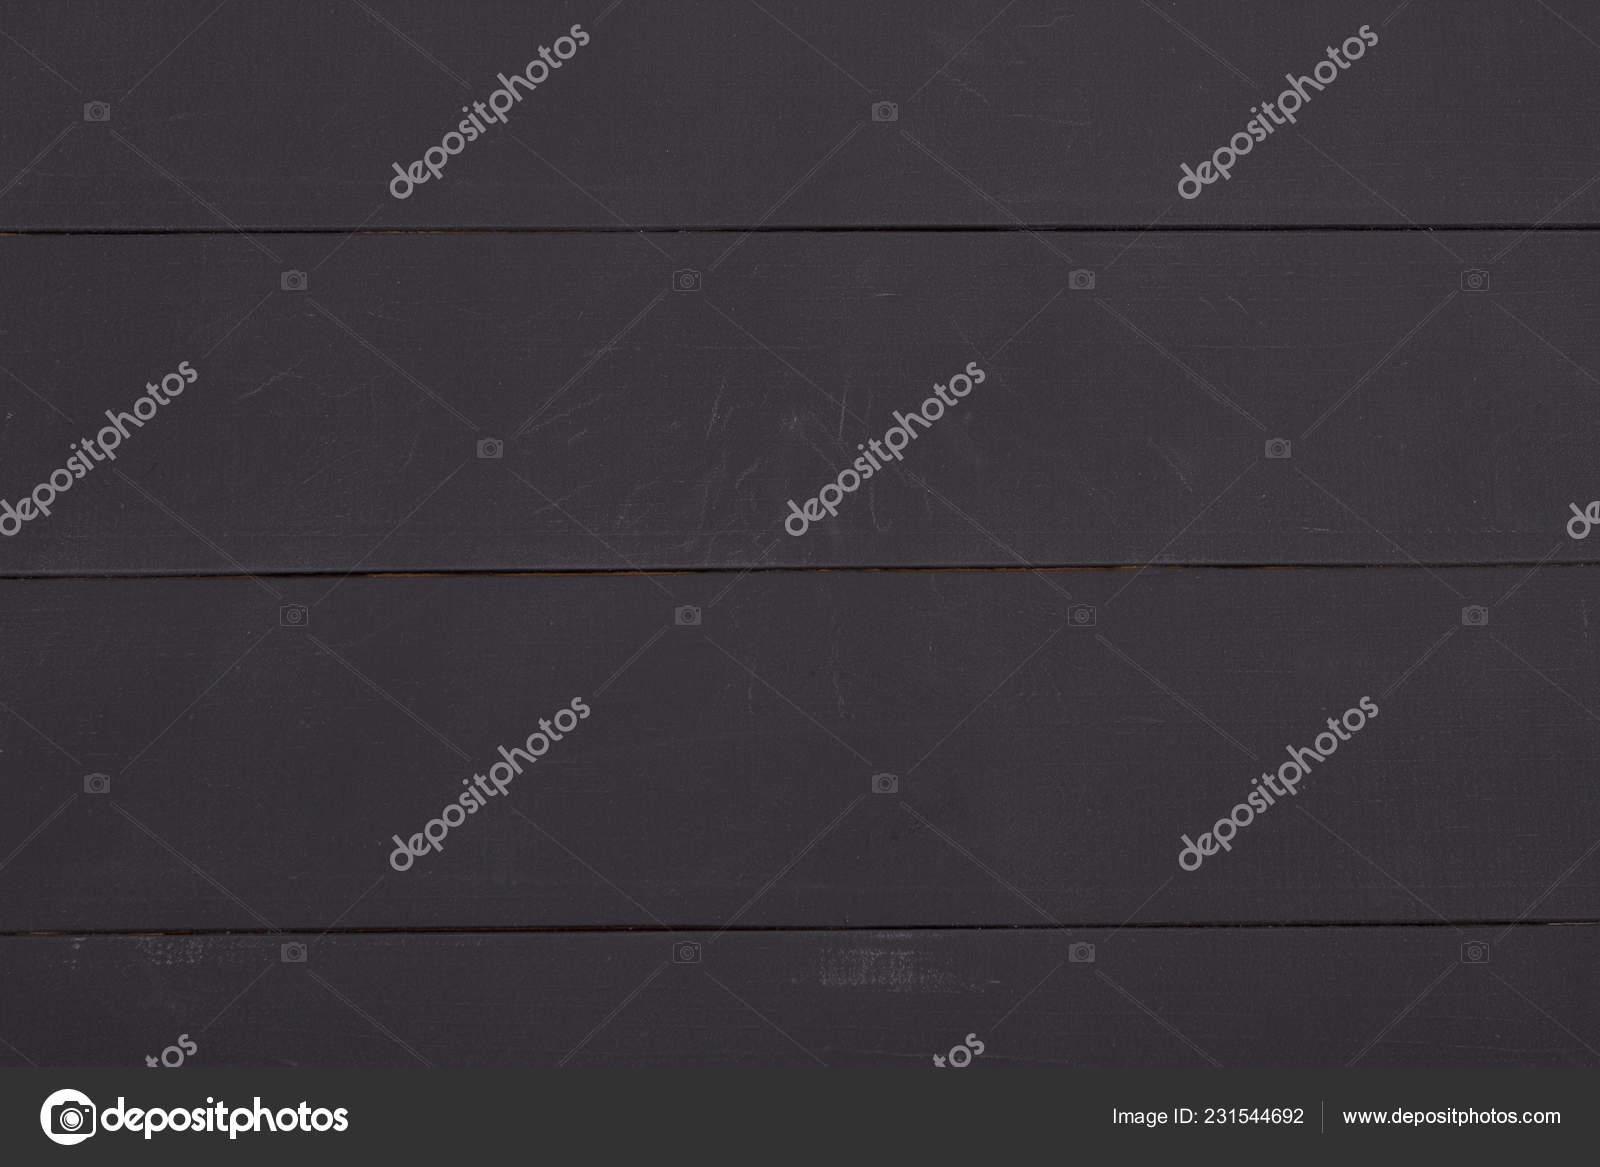 Glazen Plankjes Voor Aan De Muur.Plankje Muur Een Muur Van Plankjes Met Knopen Stockfoto P Kdmitry